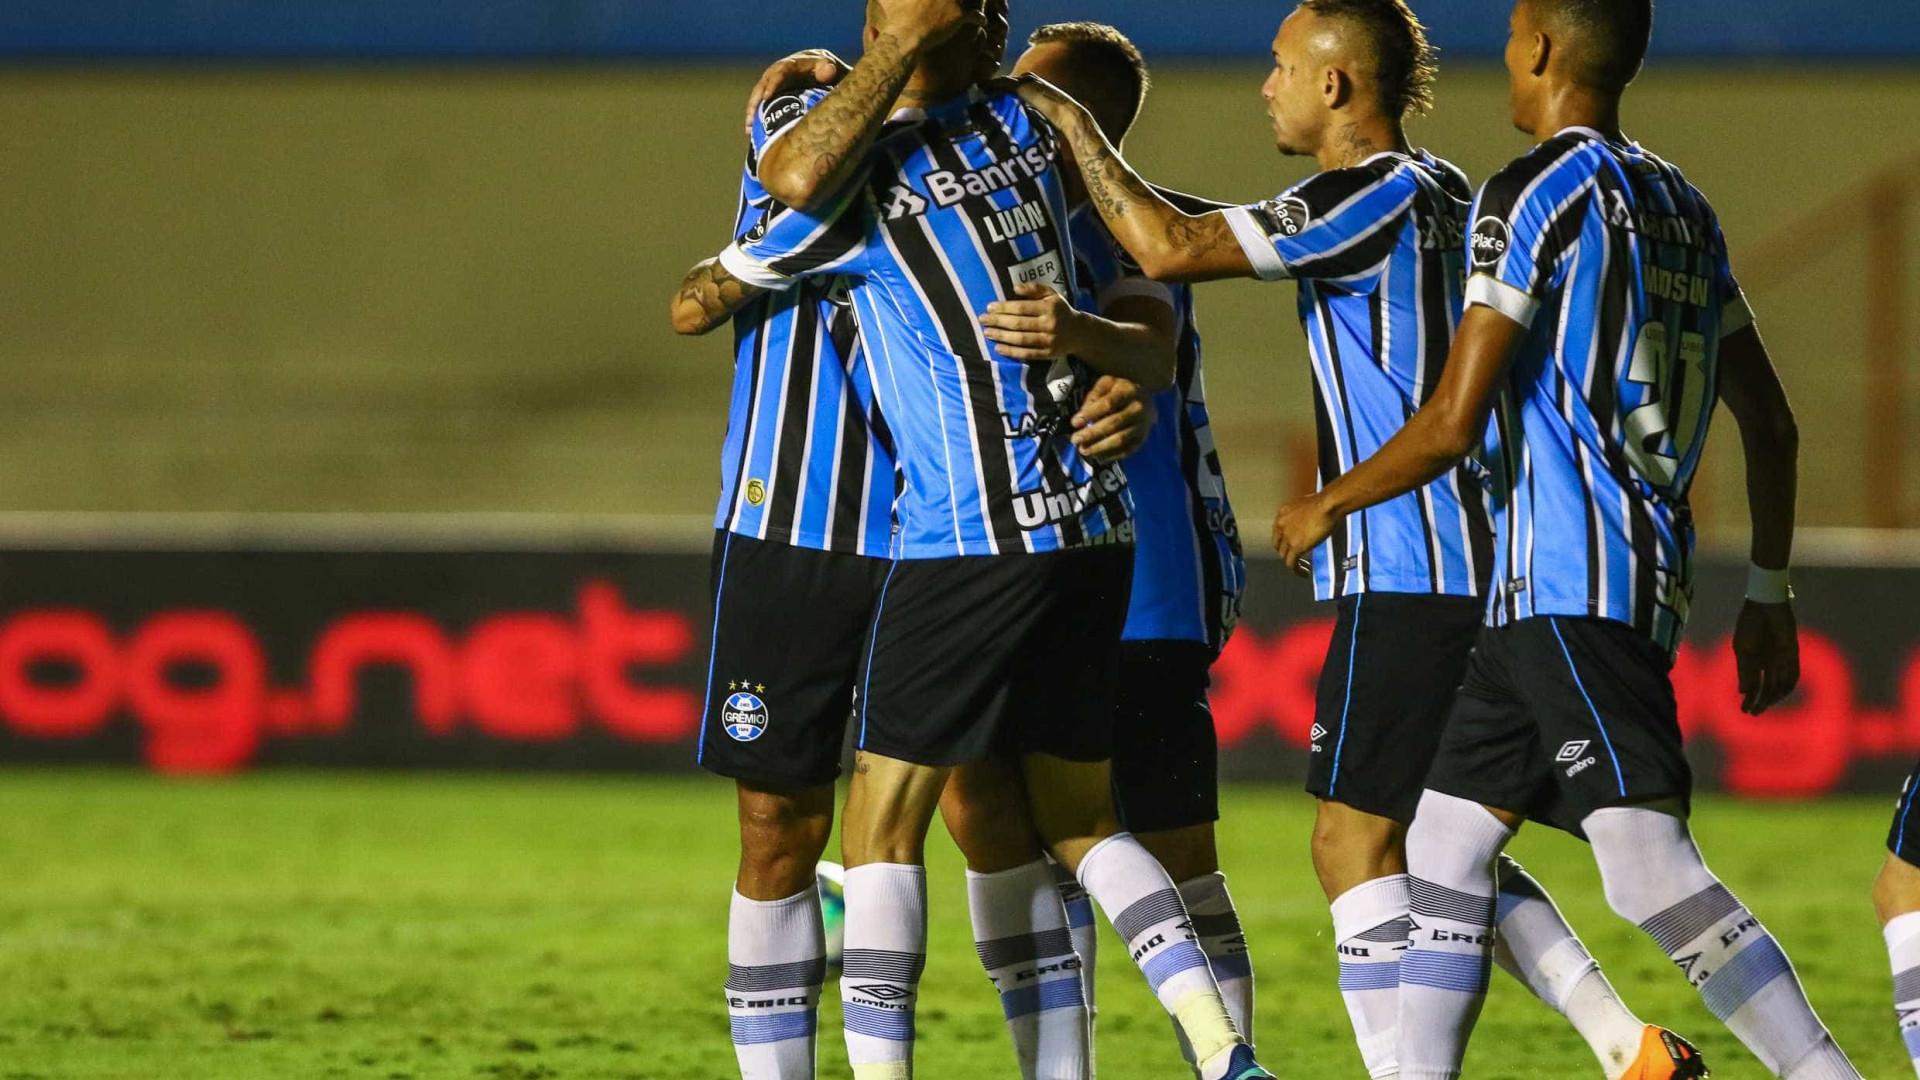 Grêmio faz 2 a 0 no Goiás e encaminha vaga na Copa do Brasil 282c58f069b08